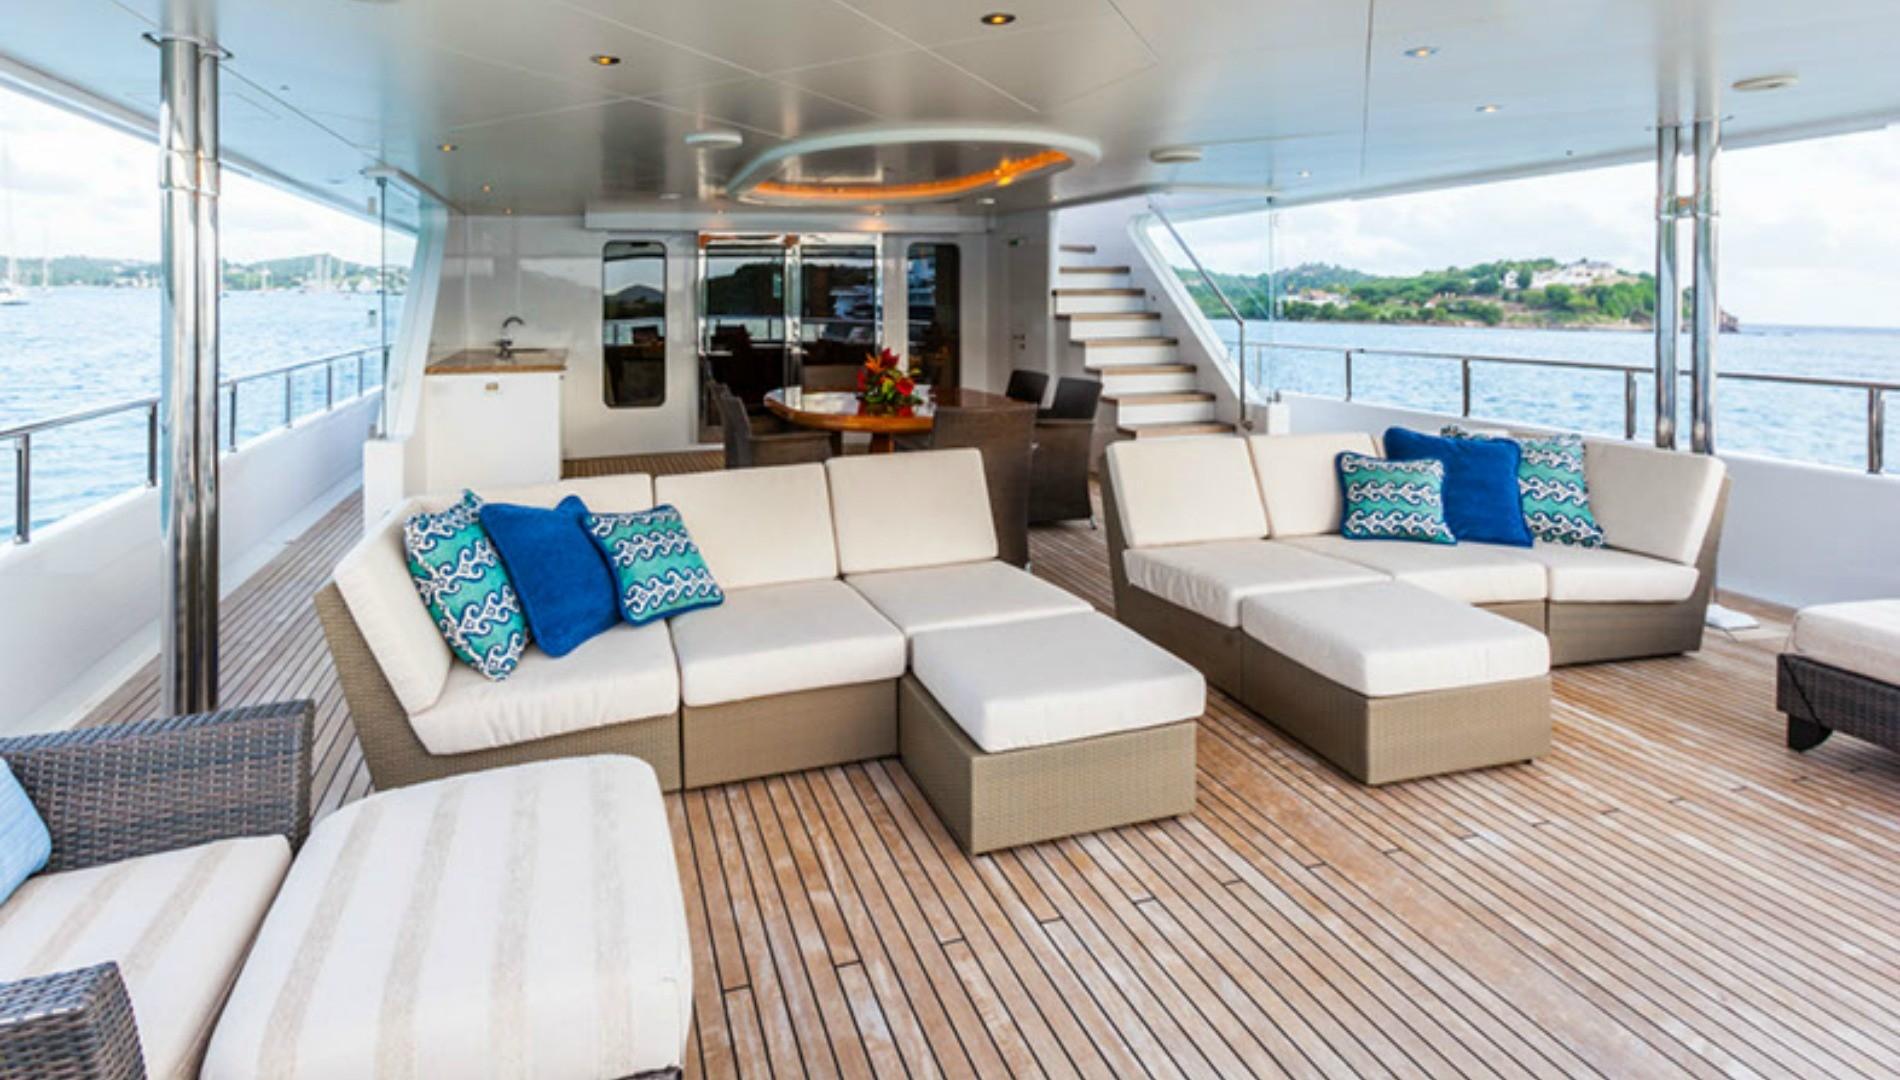 Vacanze su yachts di lusso tgtourism for Arredamenti bellissimi